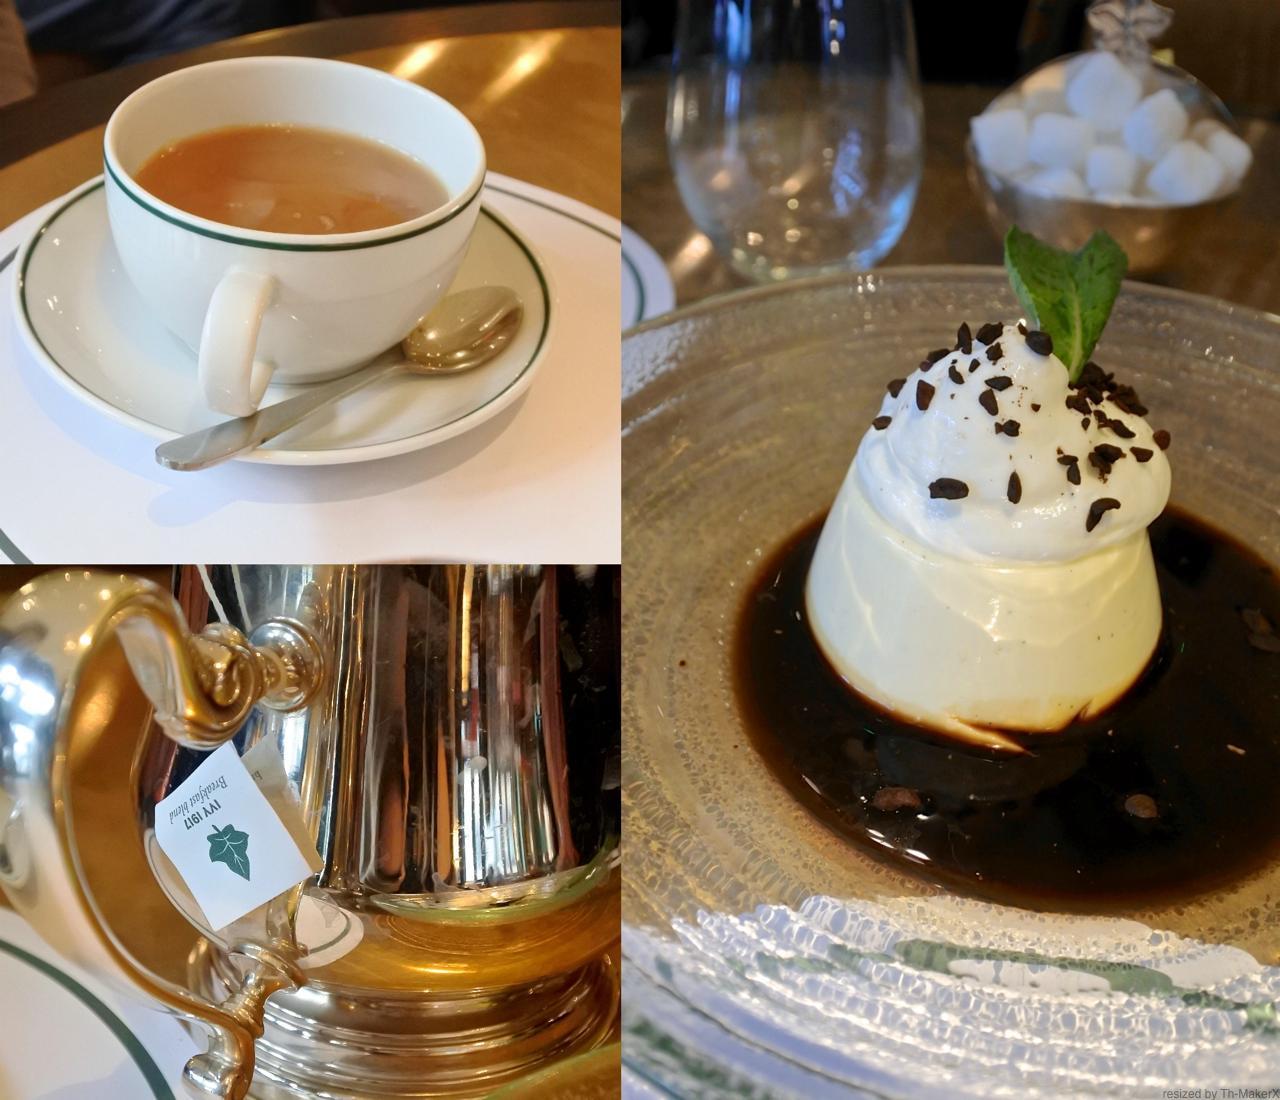 パンナコッタも美味☆ デザートも頻繁に入れ替わる模様。紅茶は自社ブランド品を作っているみたい